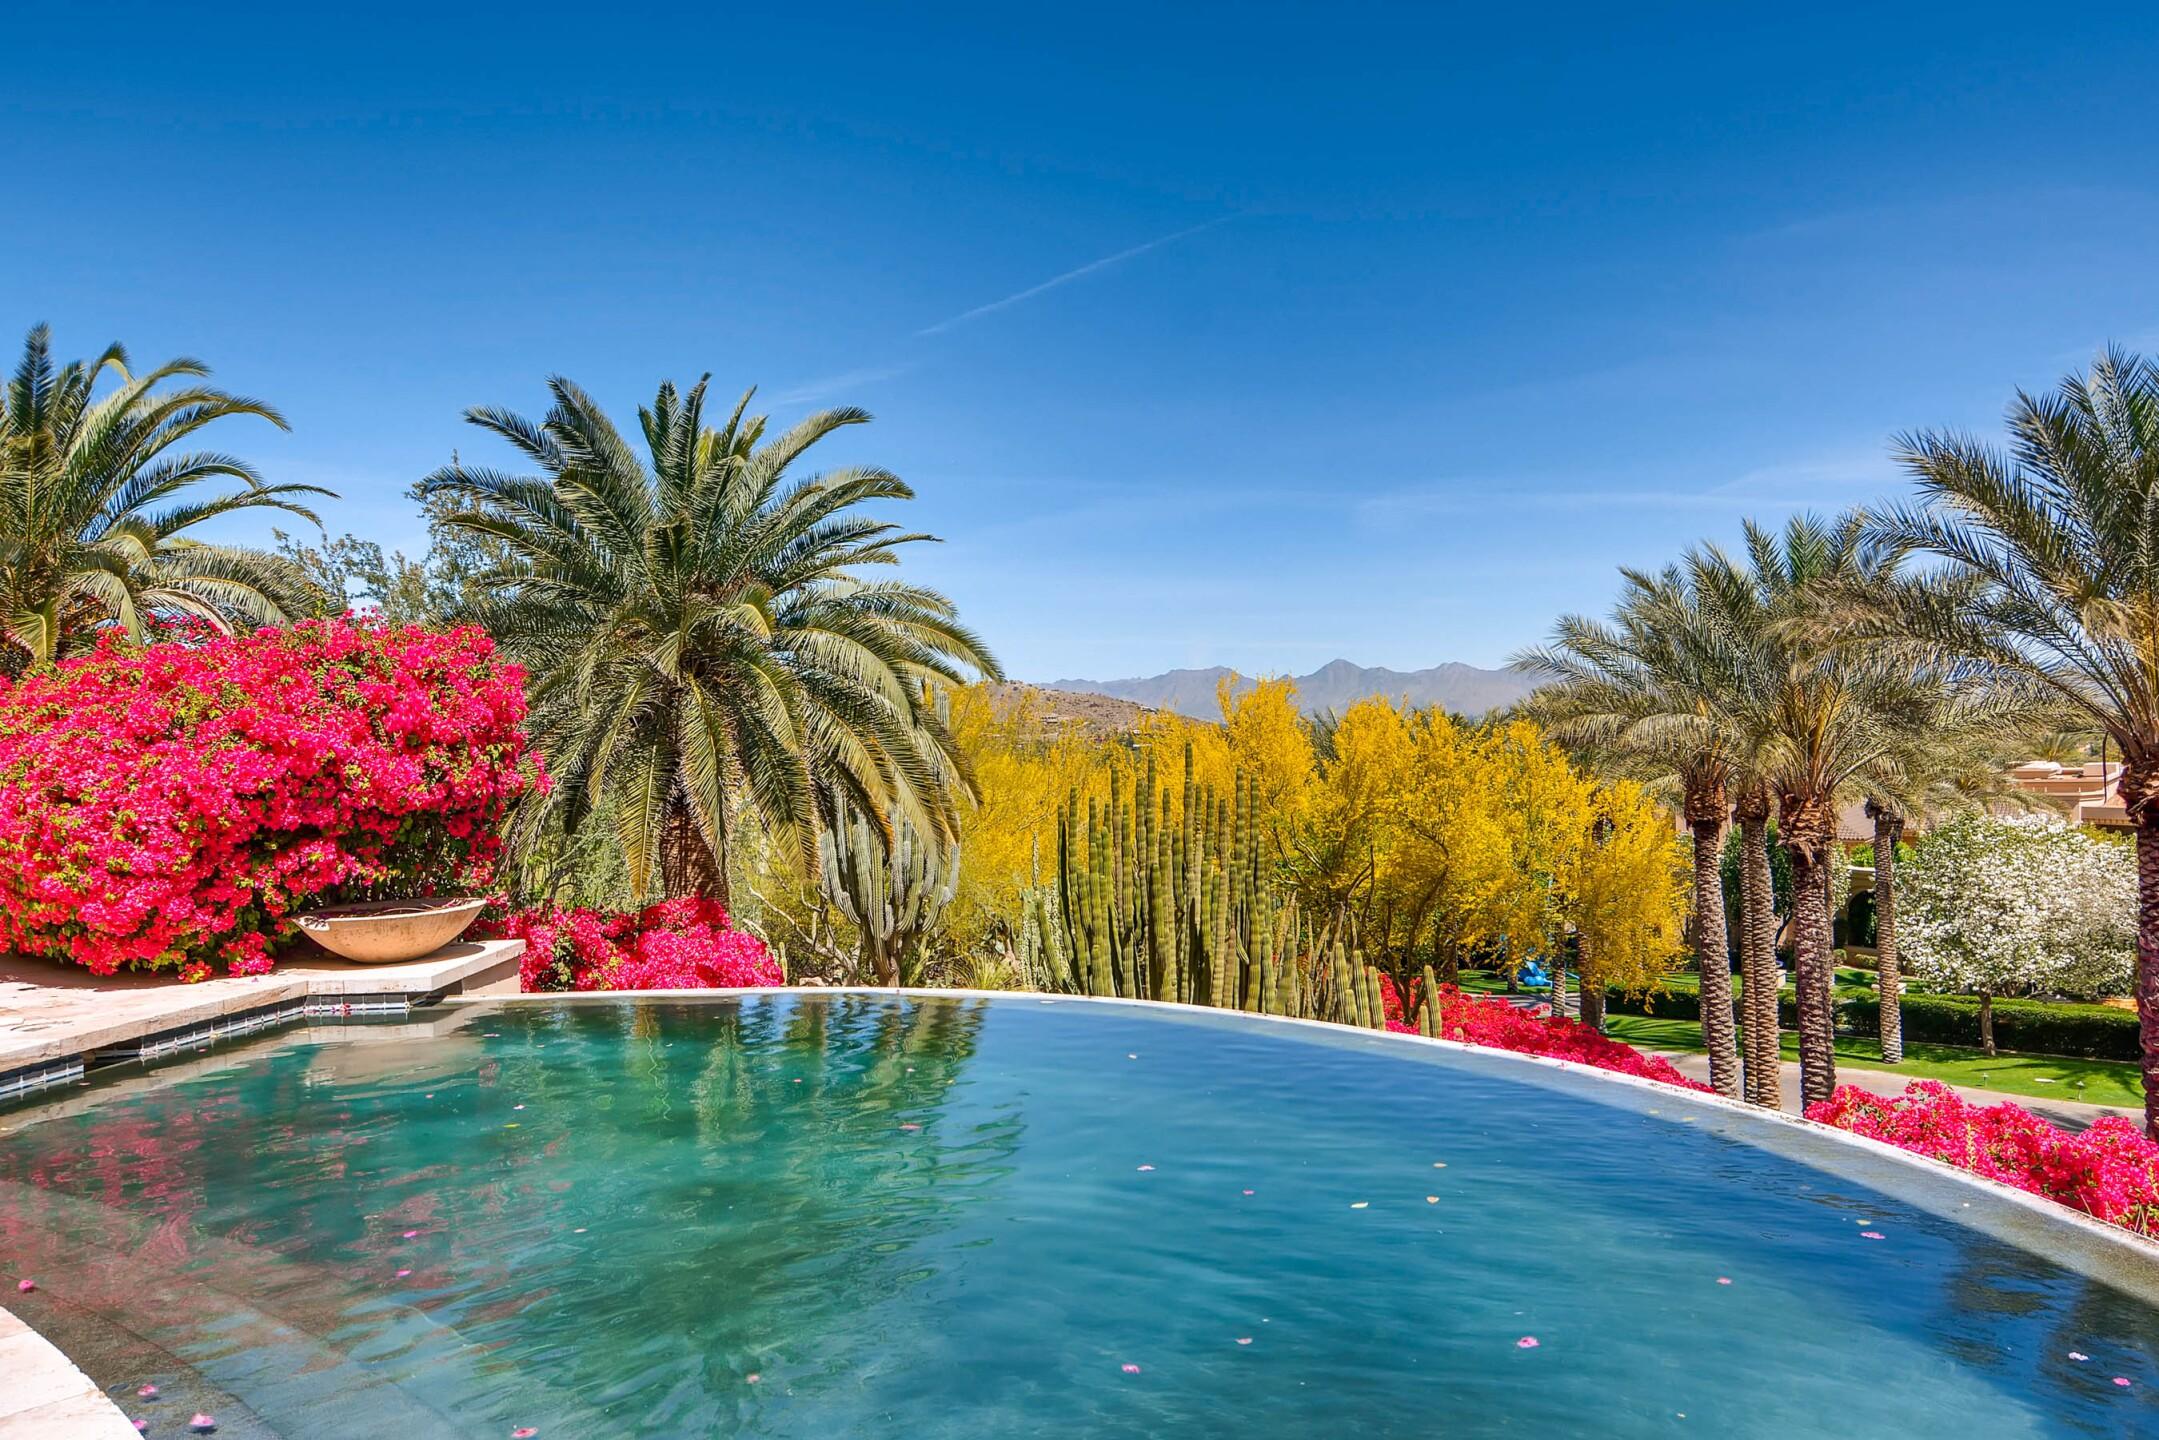 villa-paradiso-paradise-valley-arizona-51.jpg